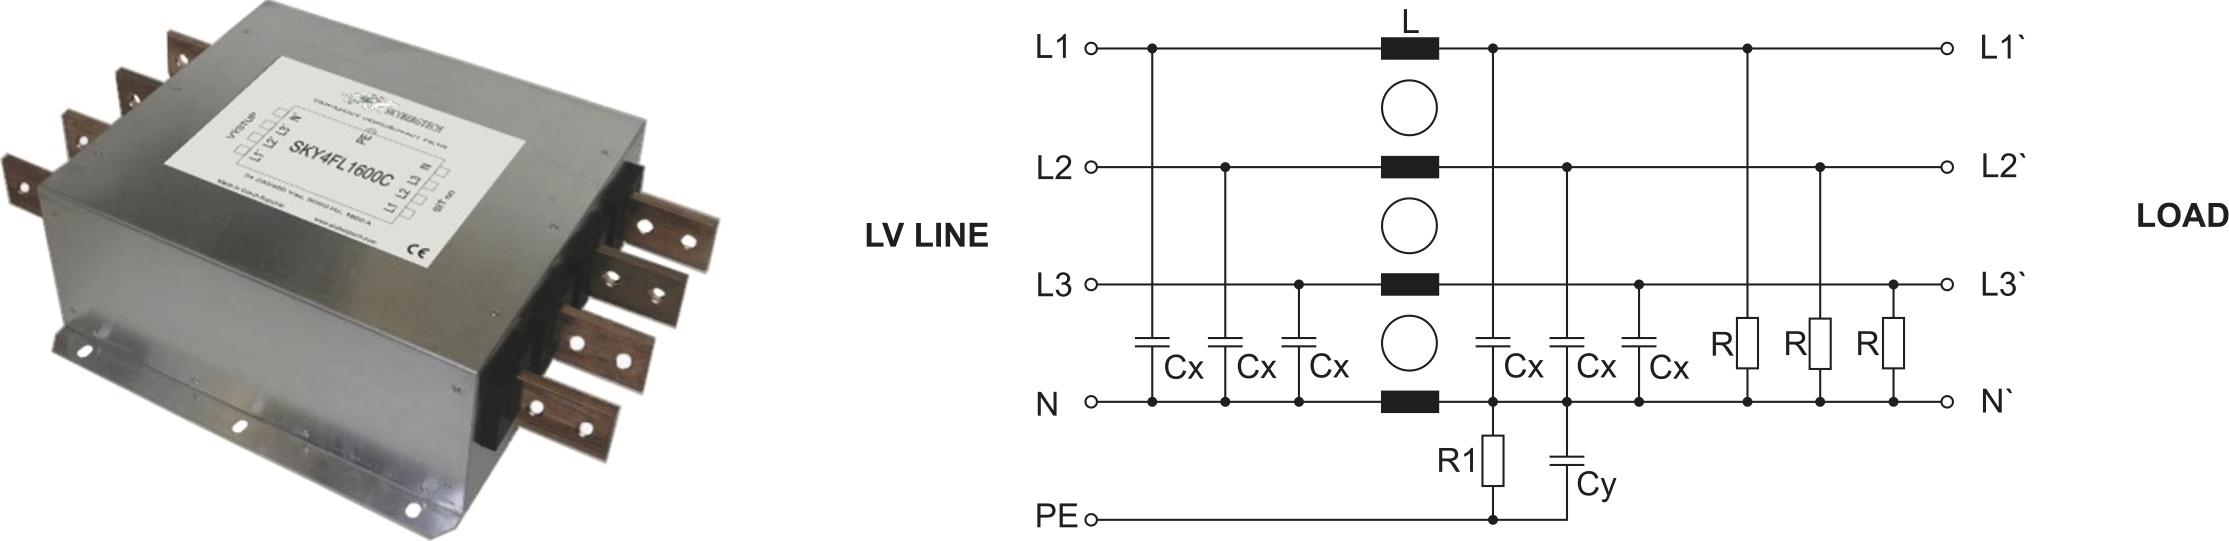 Внешний вид и принципиальная схема помехоподавляющего фильтра серии SKY4FL1600C